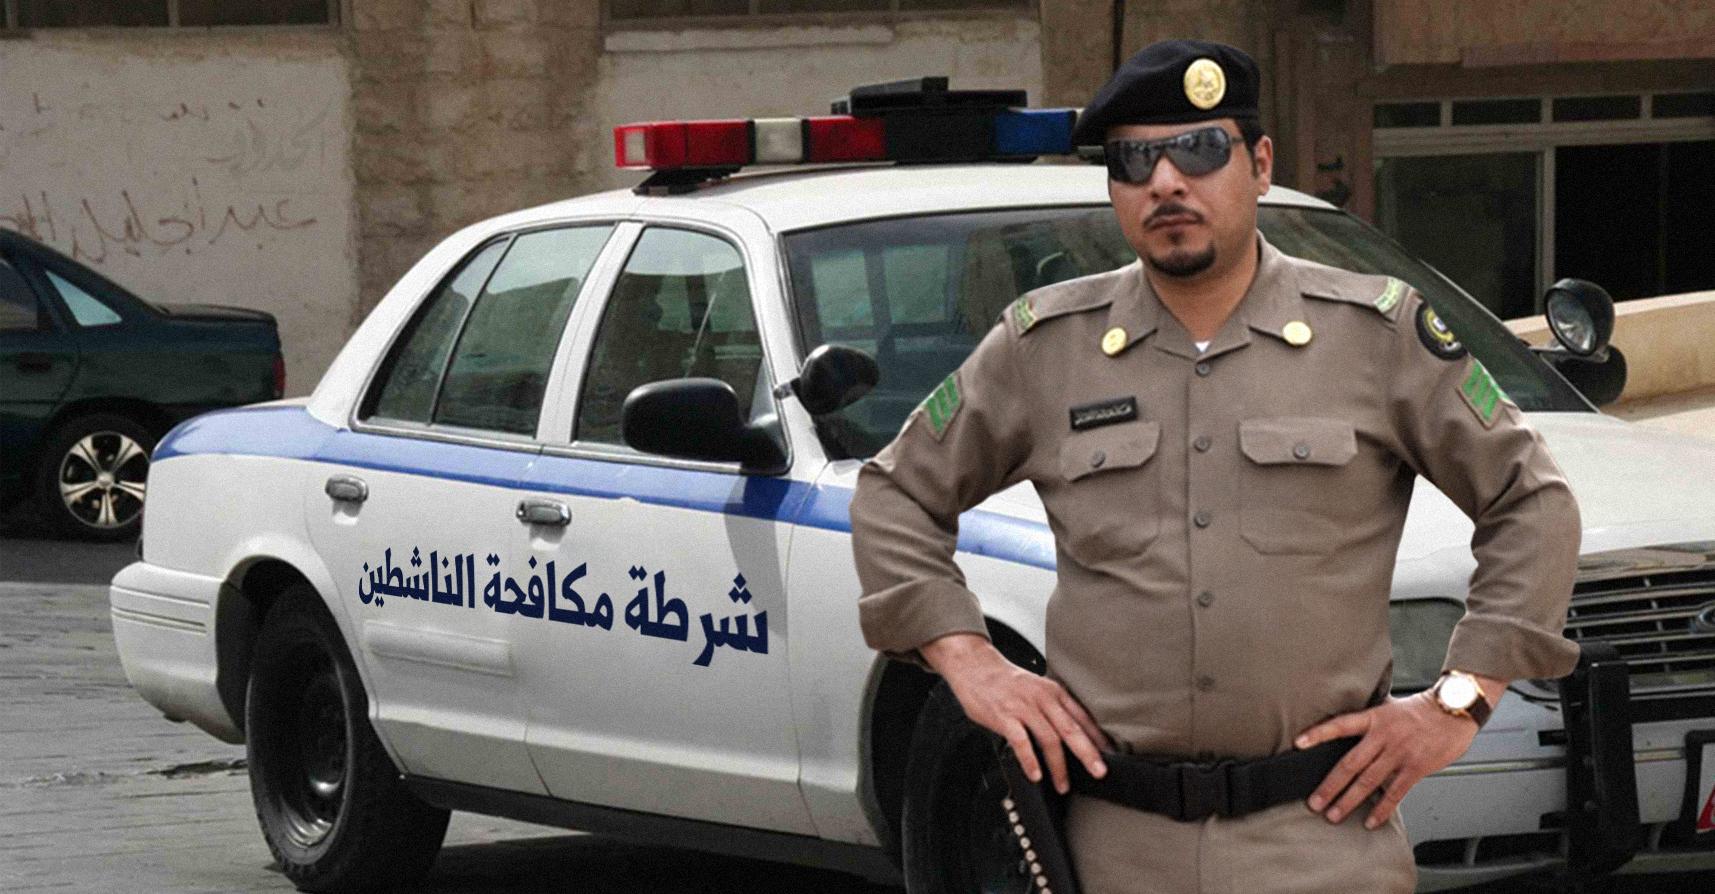 صورة السعودية تؤكد أنَّ الإصلاحات التي نفذّتها كانت مجرَّد كمين للإيقاع بالناشطين